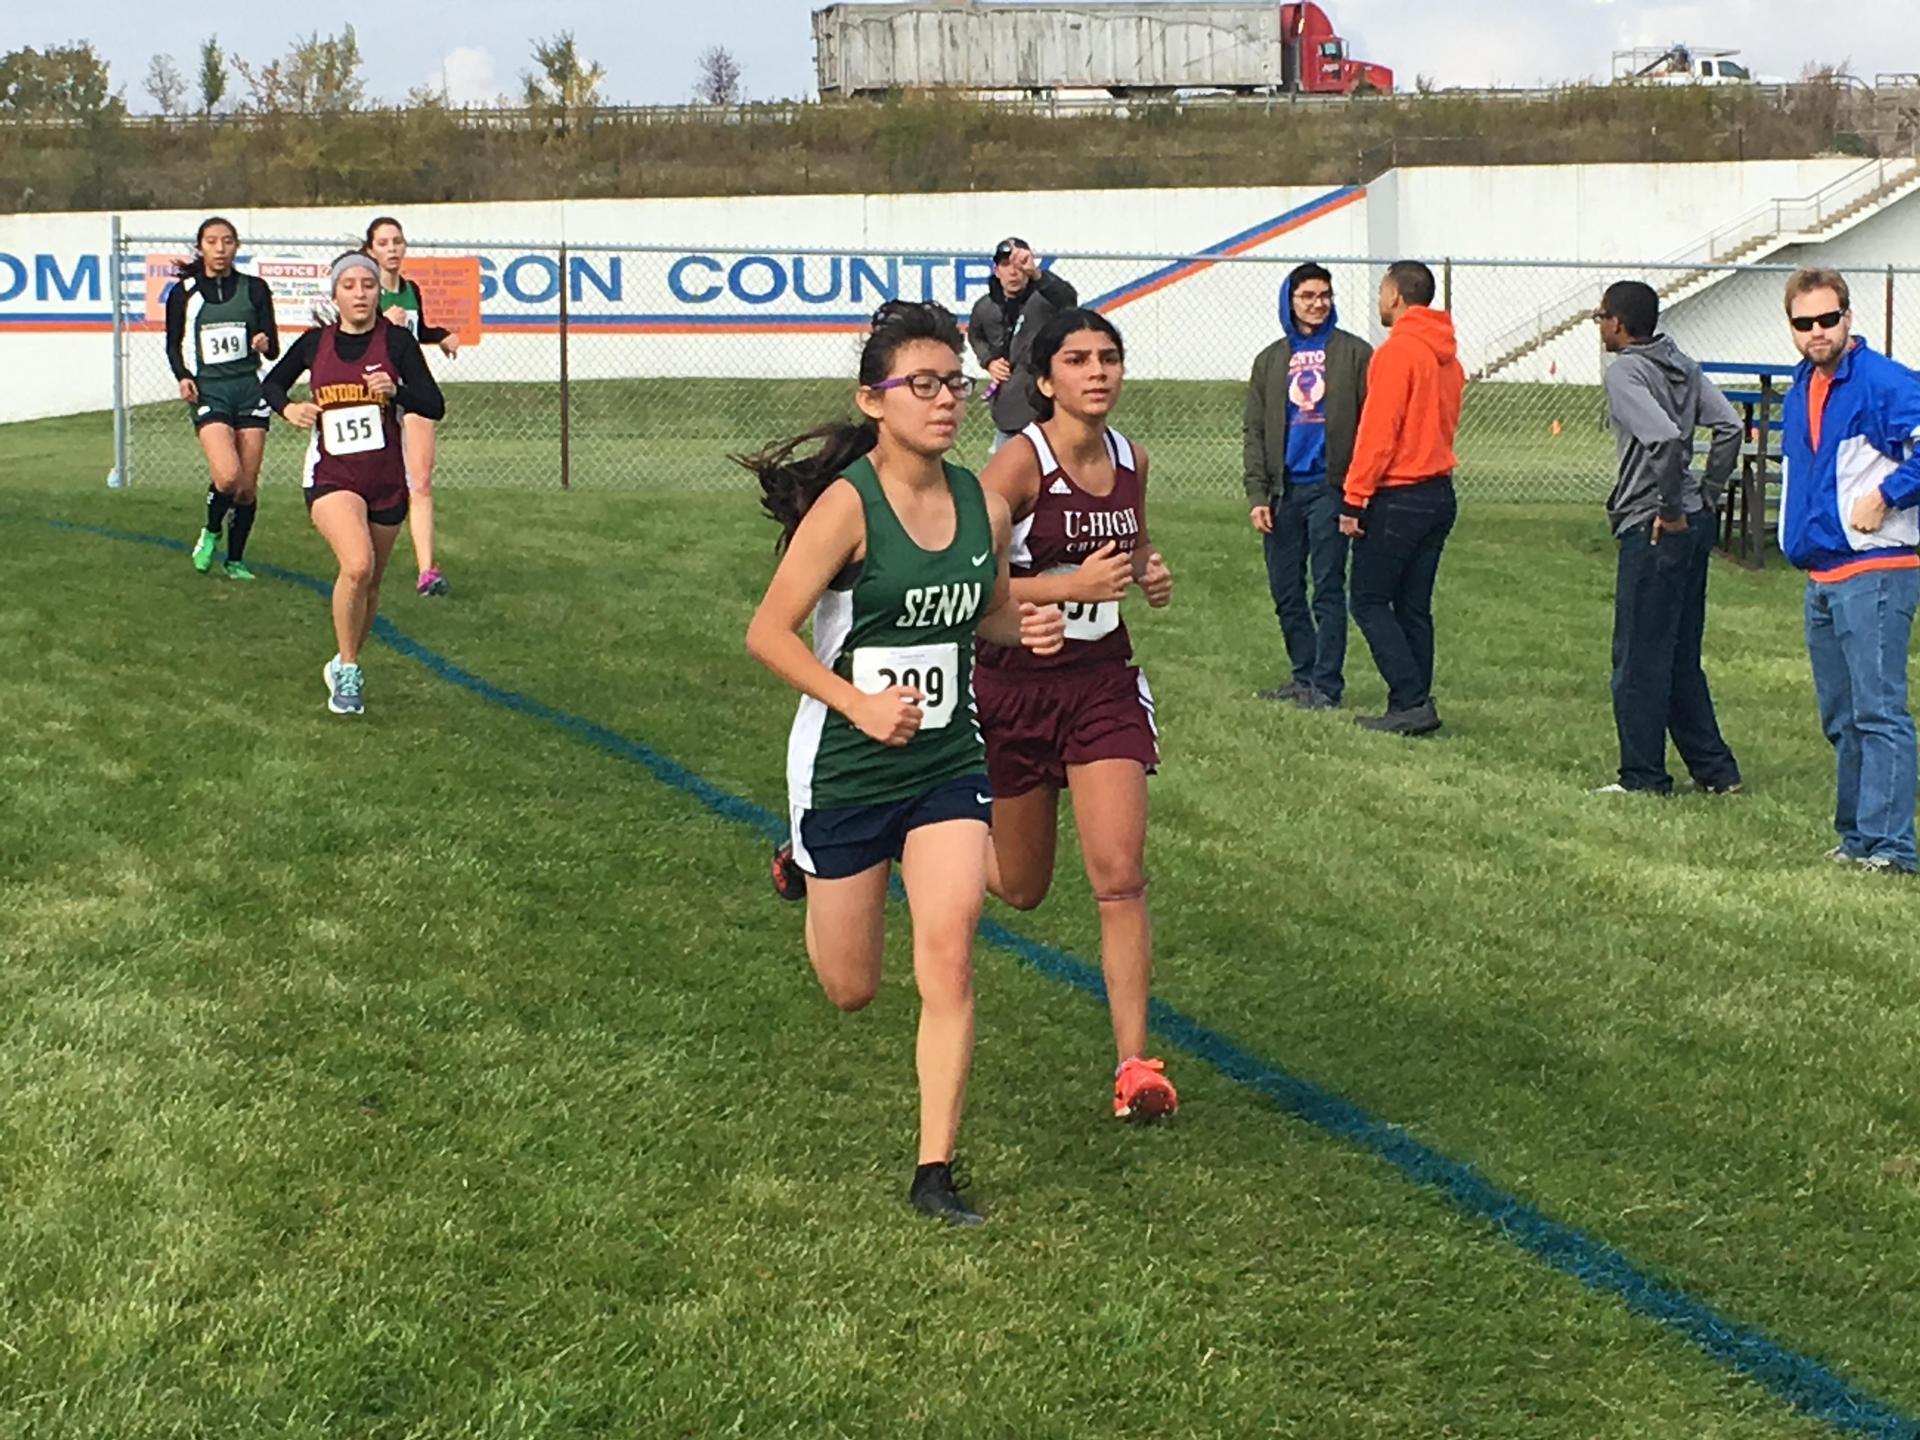 Junior Berenice Garcia runs in the 2018 Sectionals meet